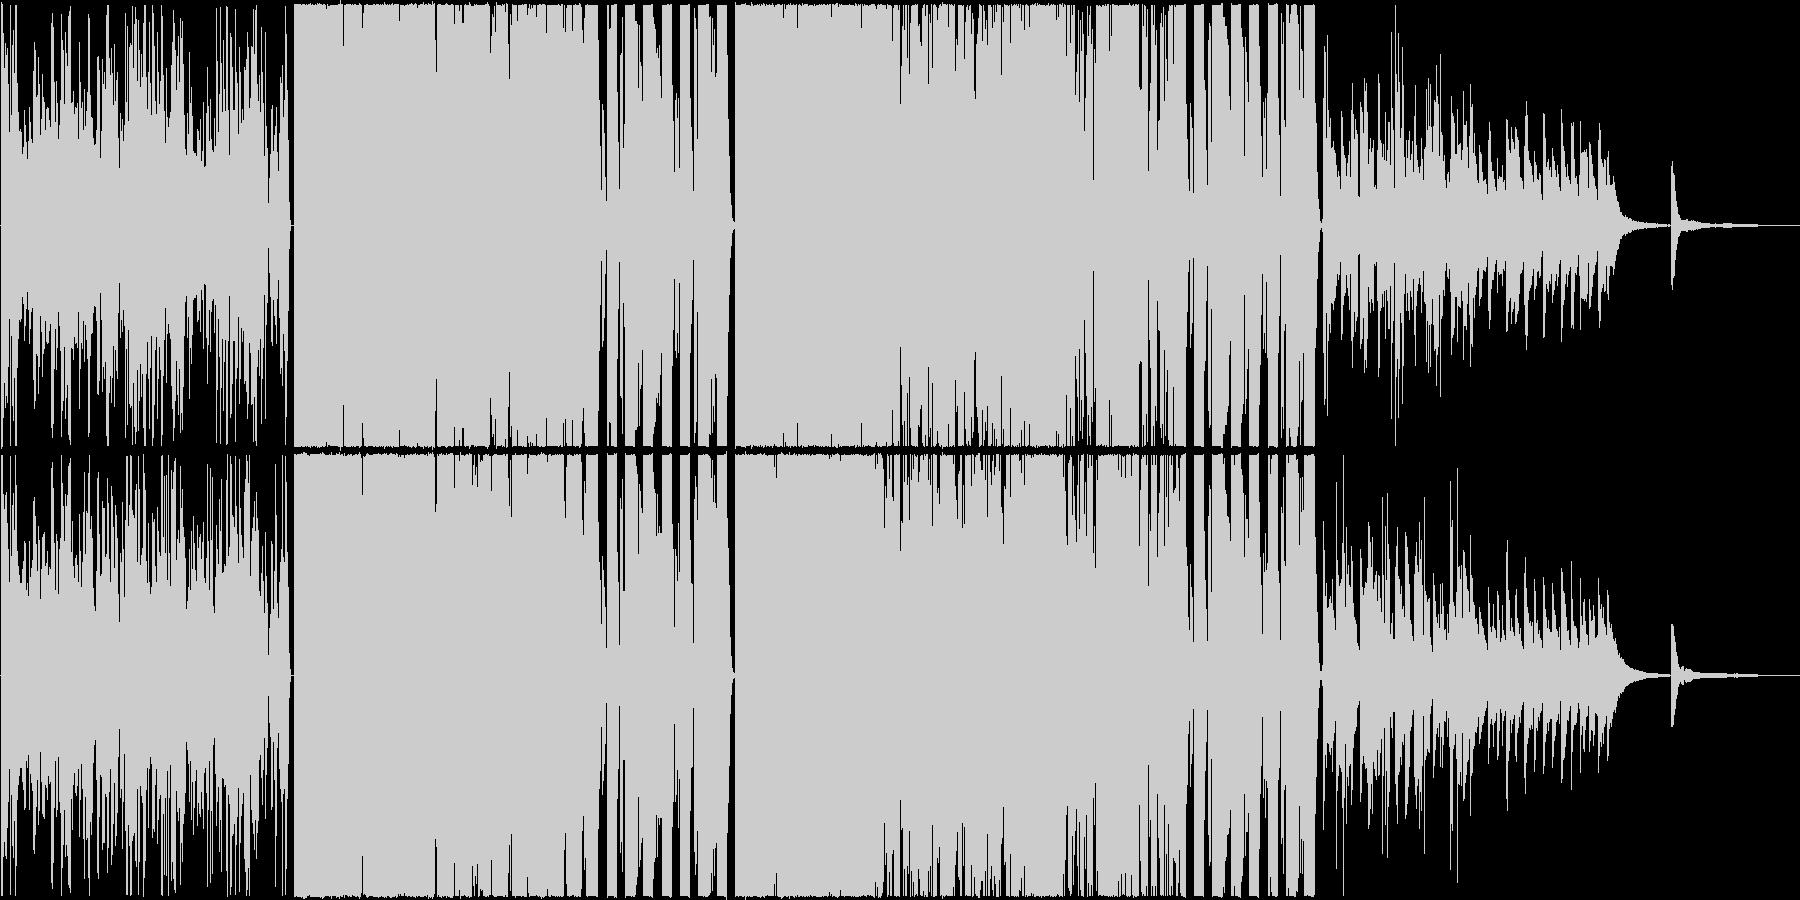 Synth pop kawaiiの未再生の波形